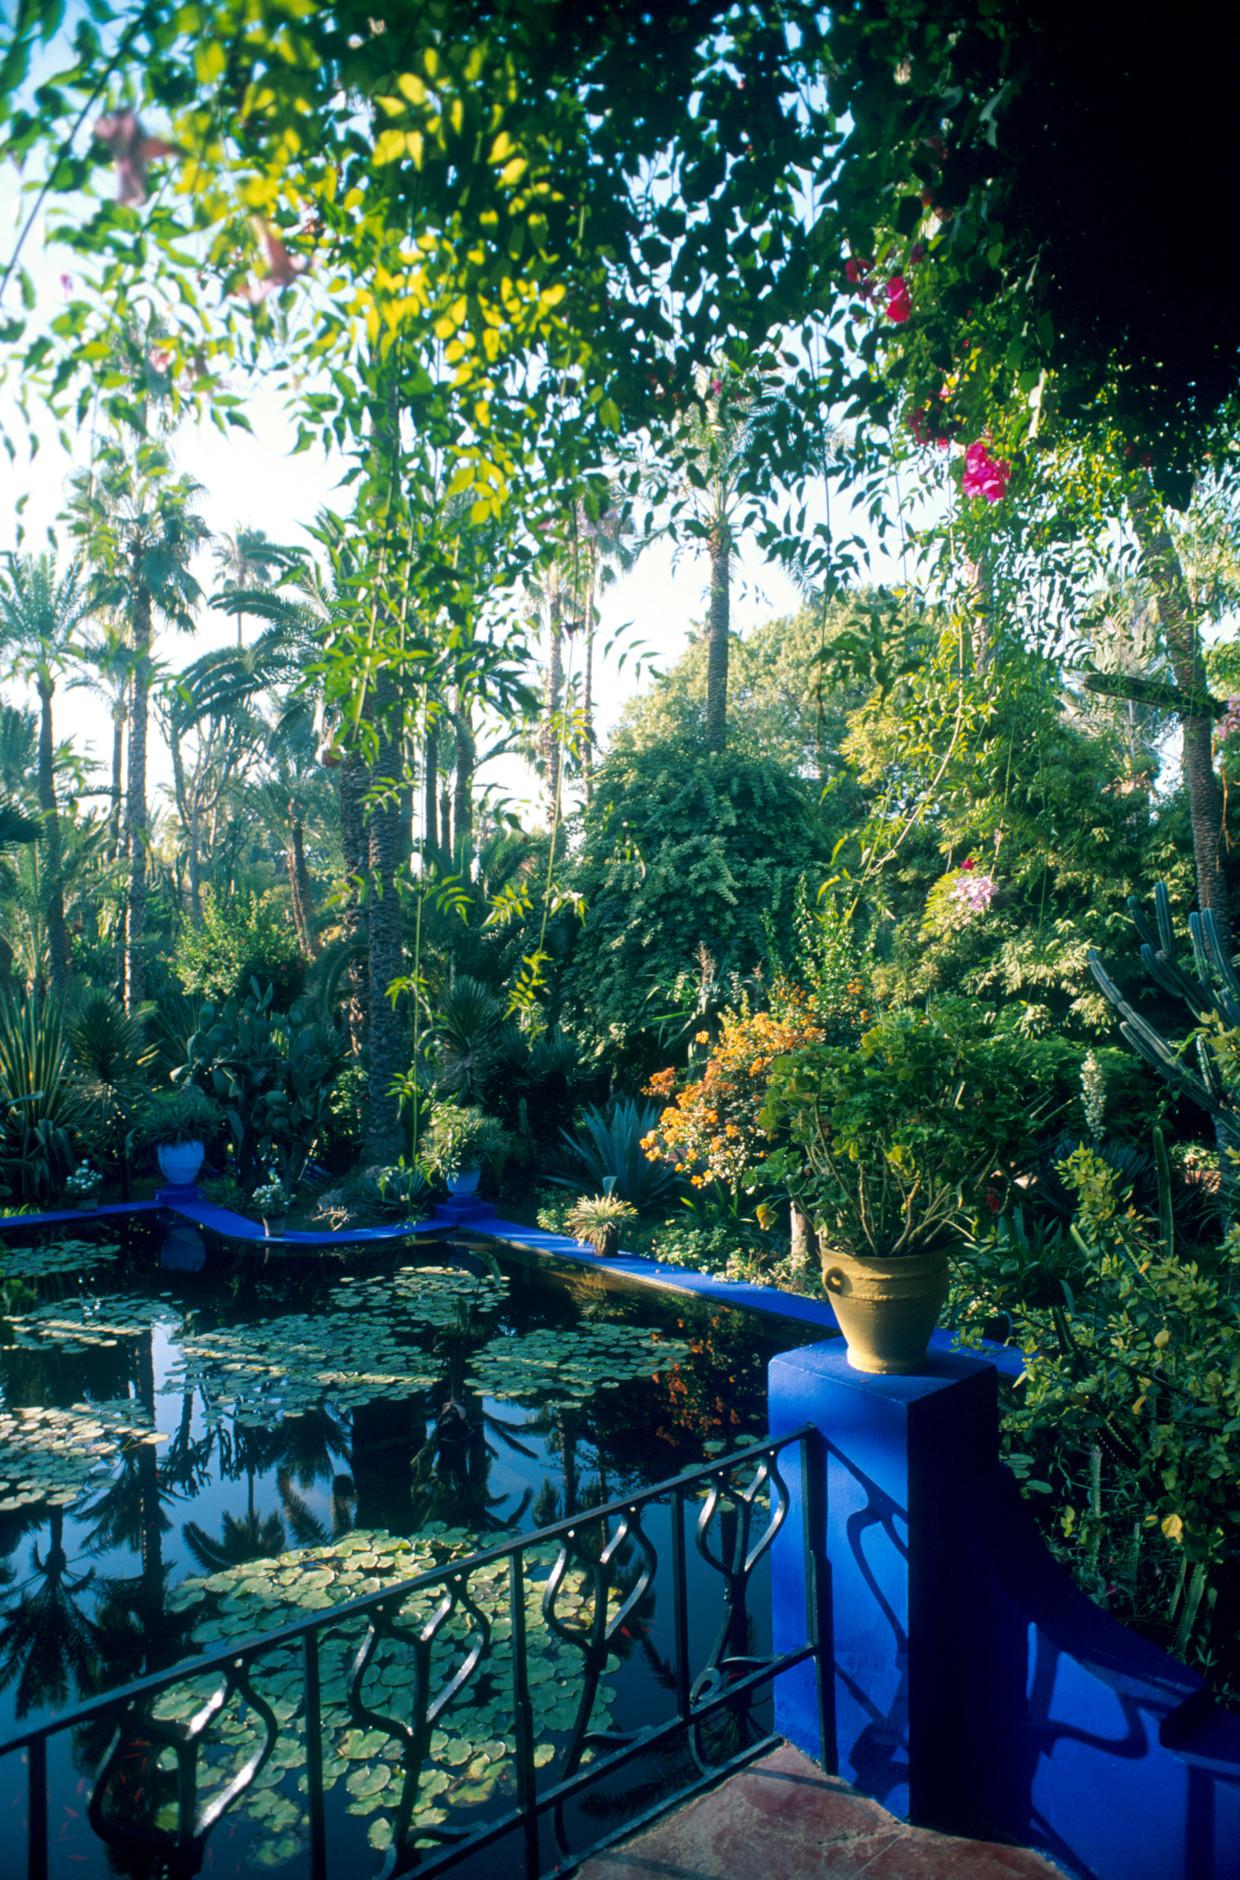 De Jardin Majorelle in Marrakech van modeontwerper Yves Saint Laurent, die toegankelijk is voor het publiek. In de tuin groeien cactussen, palmen en bamboestokken, en er is fraaie architectuur in de kleuren paarsblauw en donkergeel. In de volksmond heet het 'de tuin van Yves'.  Beeld Getty